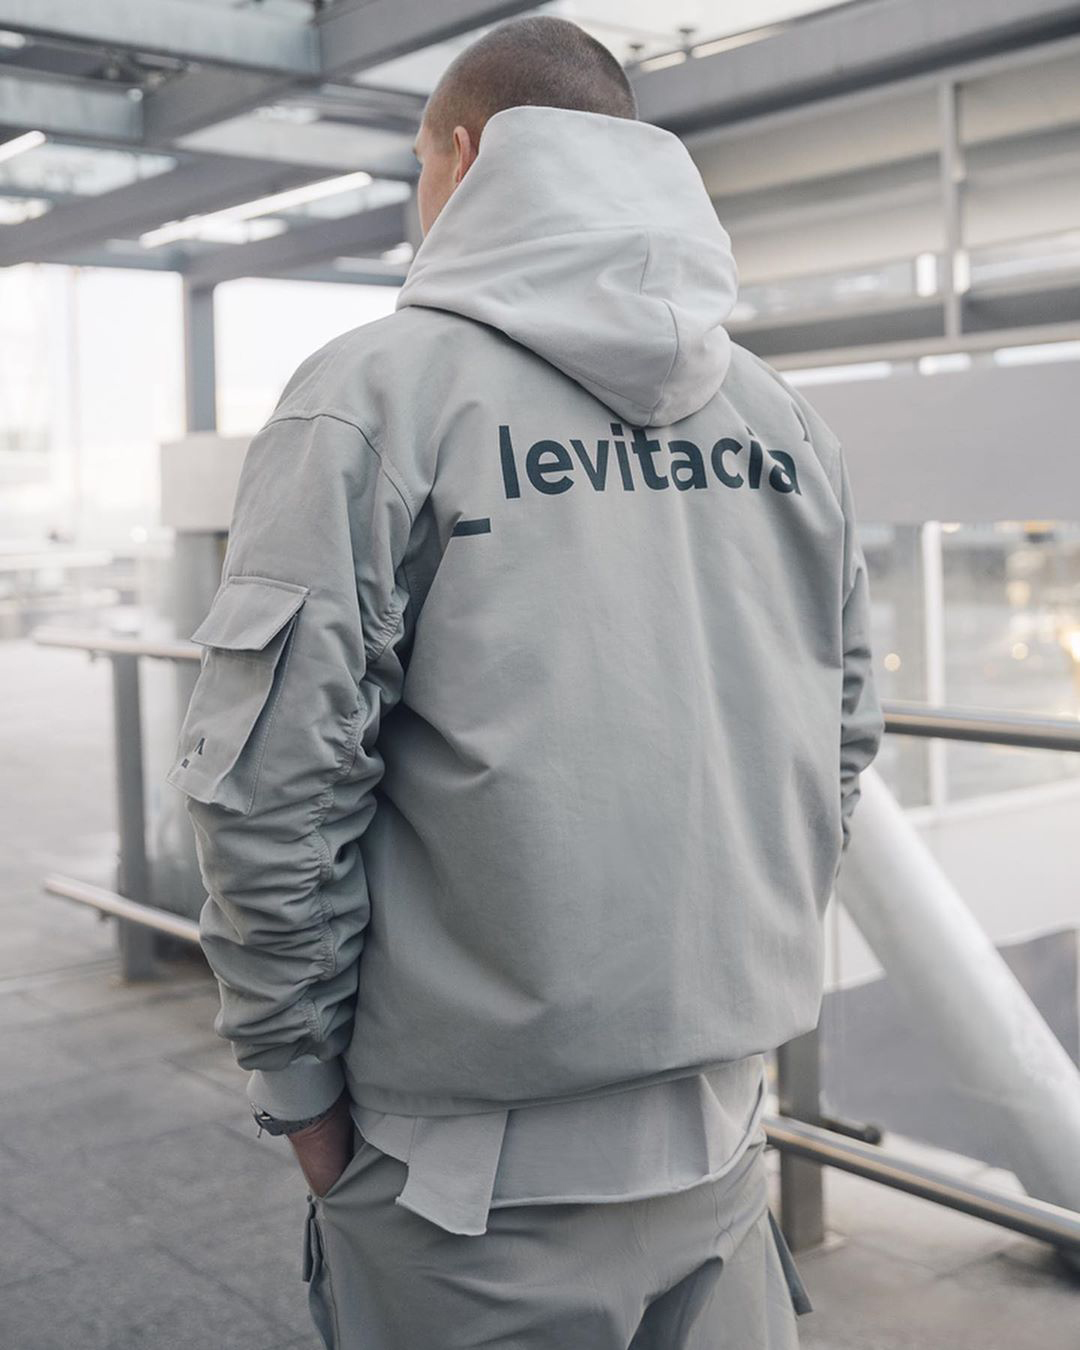 Levitacia